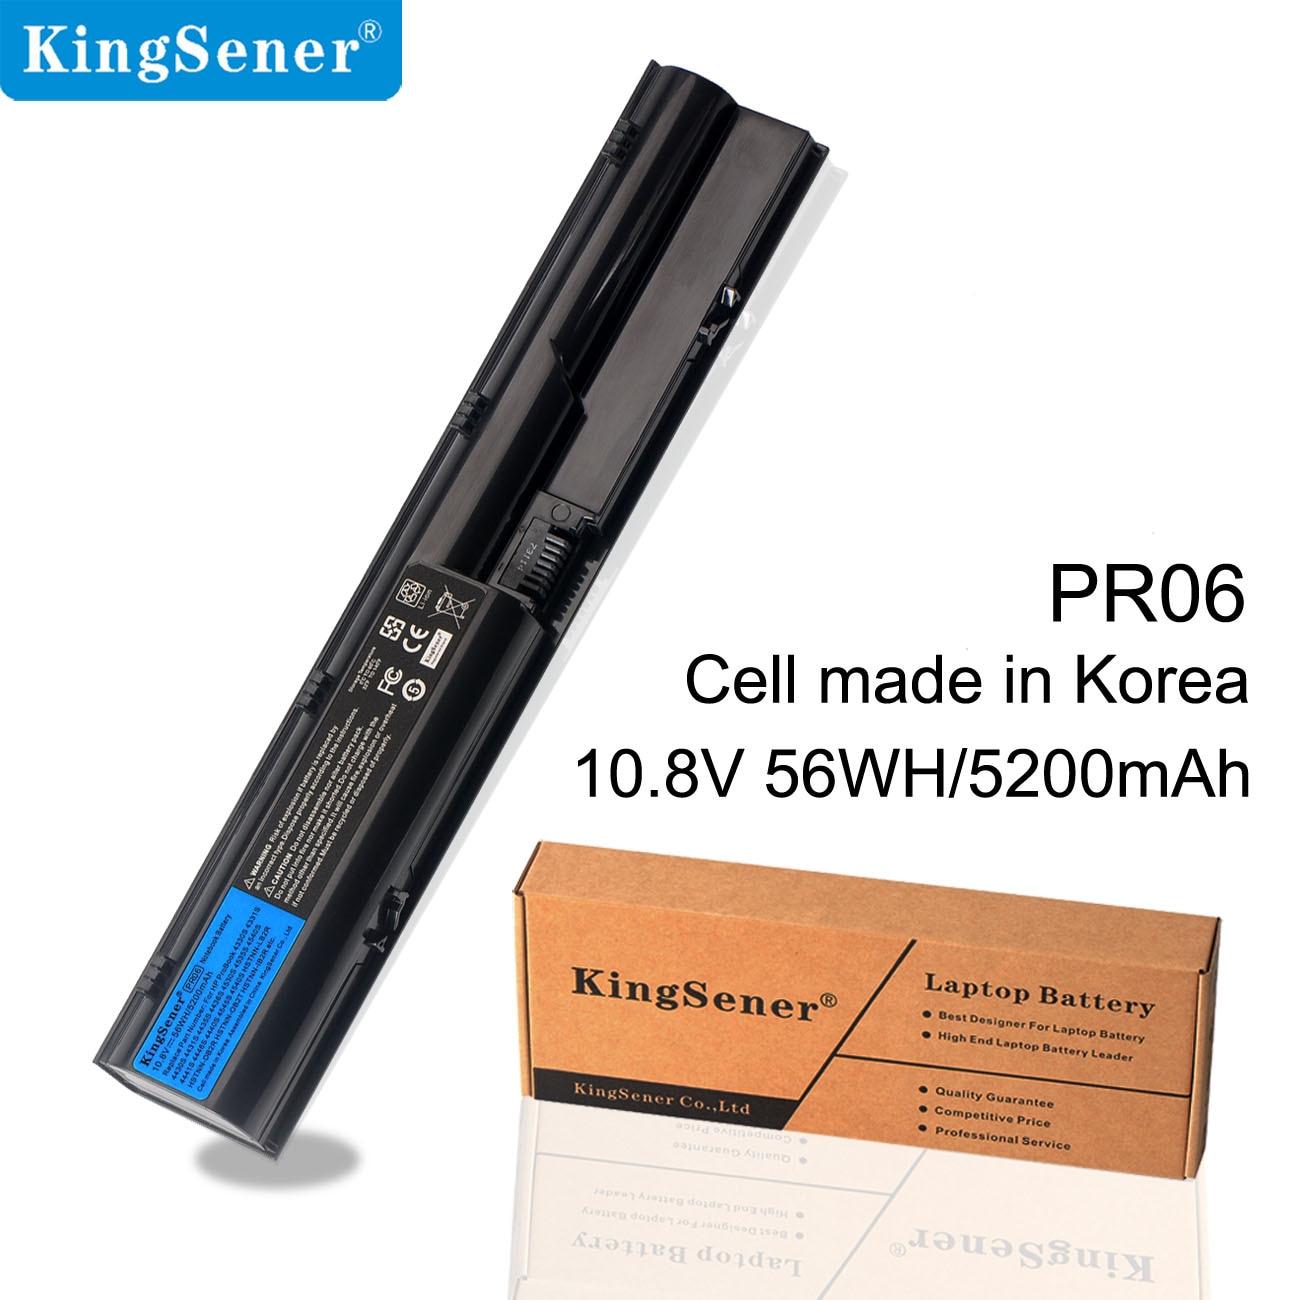 KingSener PR06 PR09 Laptop Battery For HP ProBook 4330S 4331S 4530S 4540S 4535S 4430S 4435S 4436S HSTNN-OB2T HSTNN-LB2R /DB2R